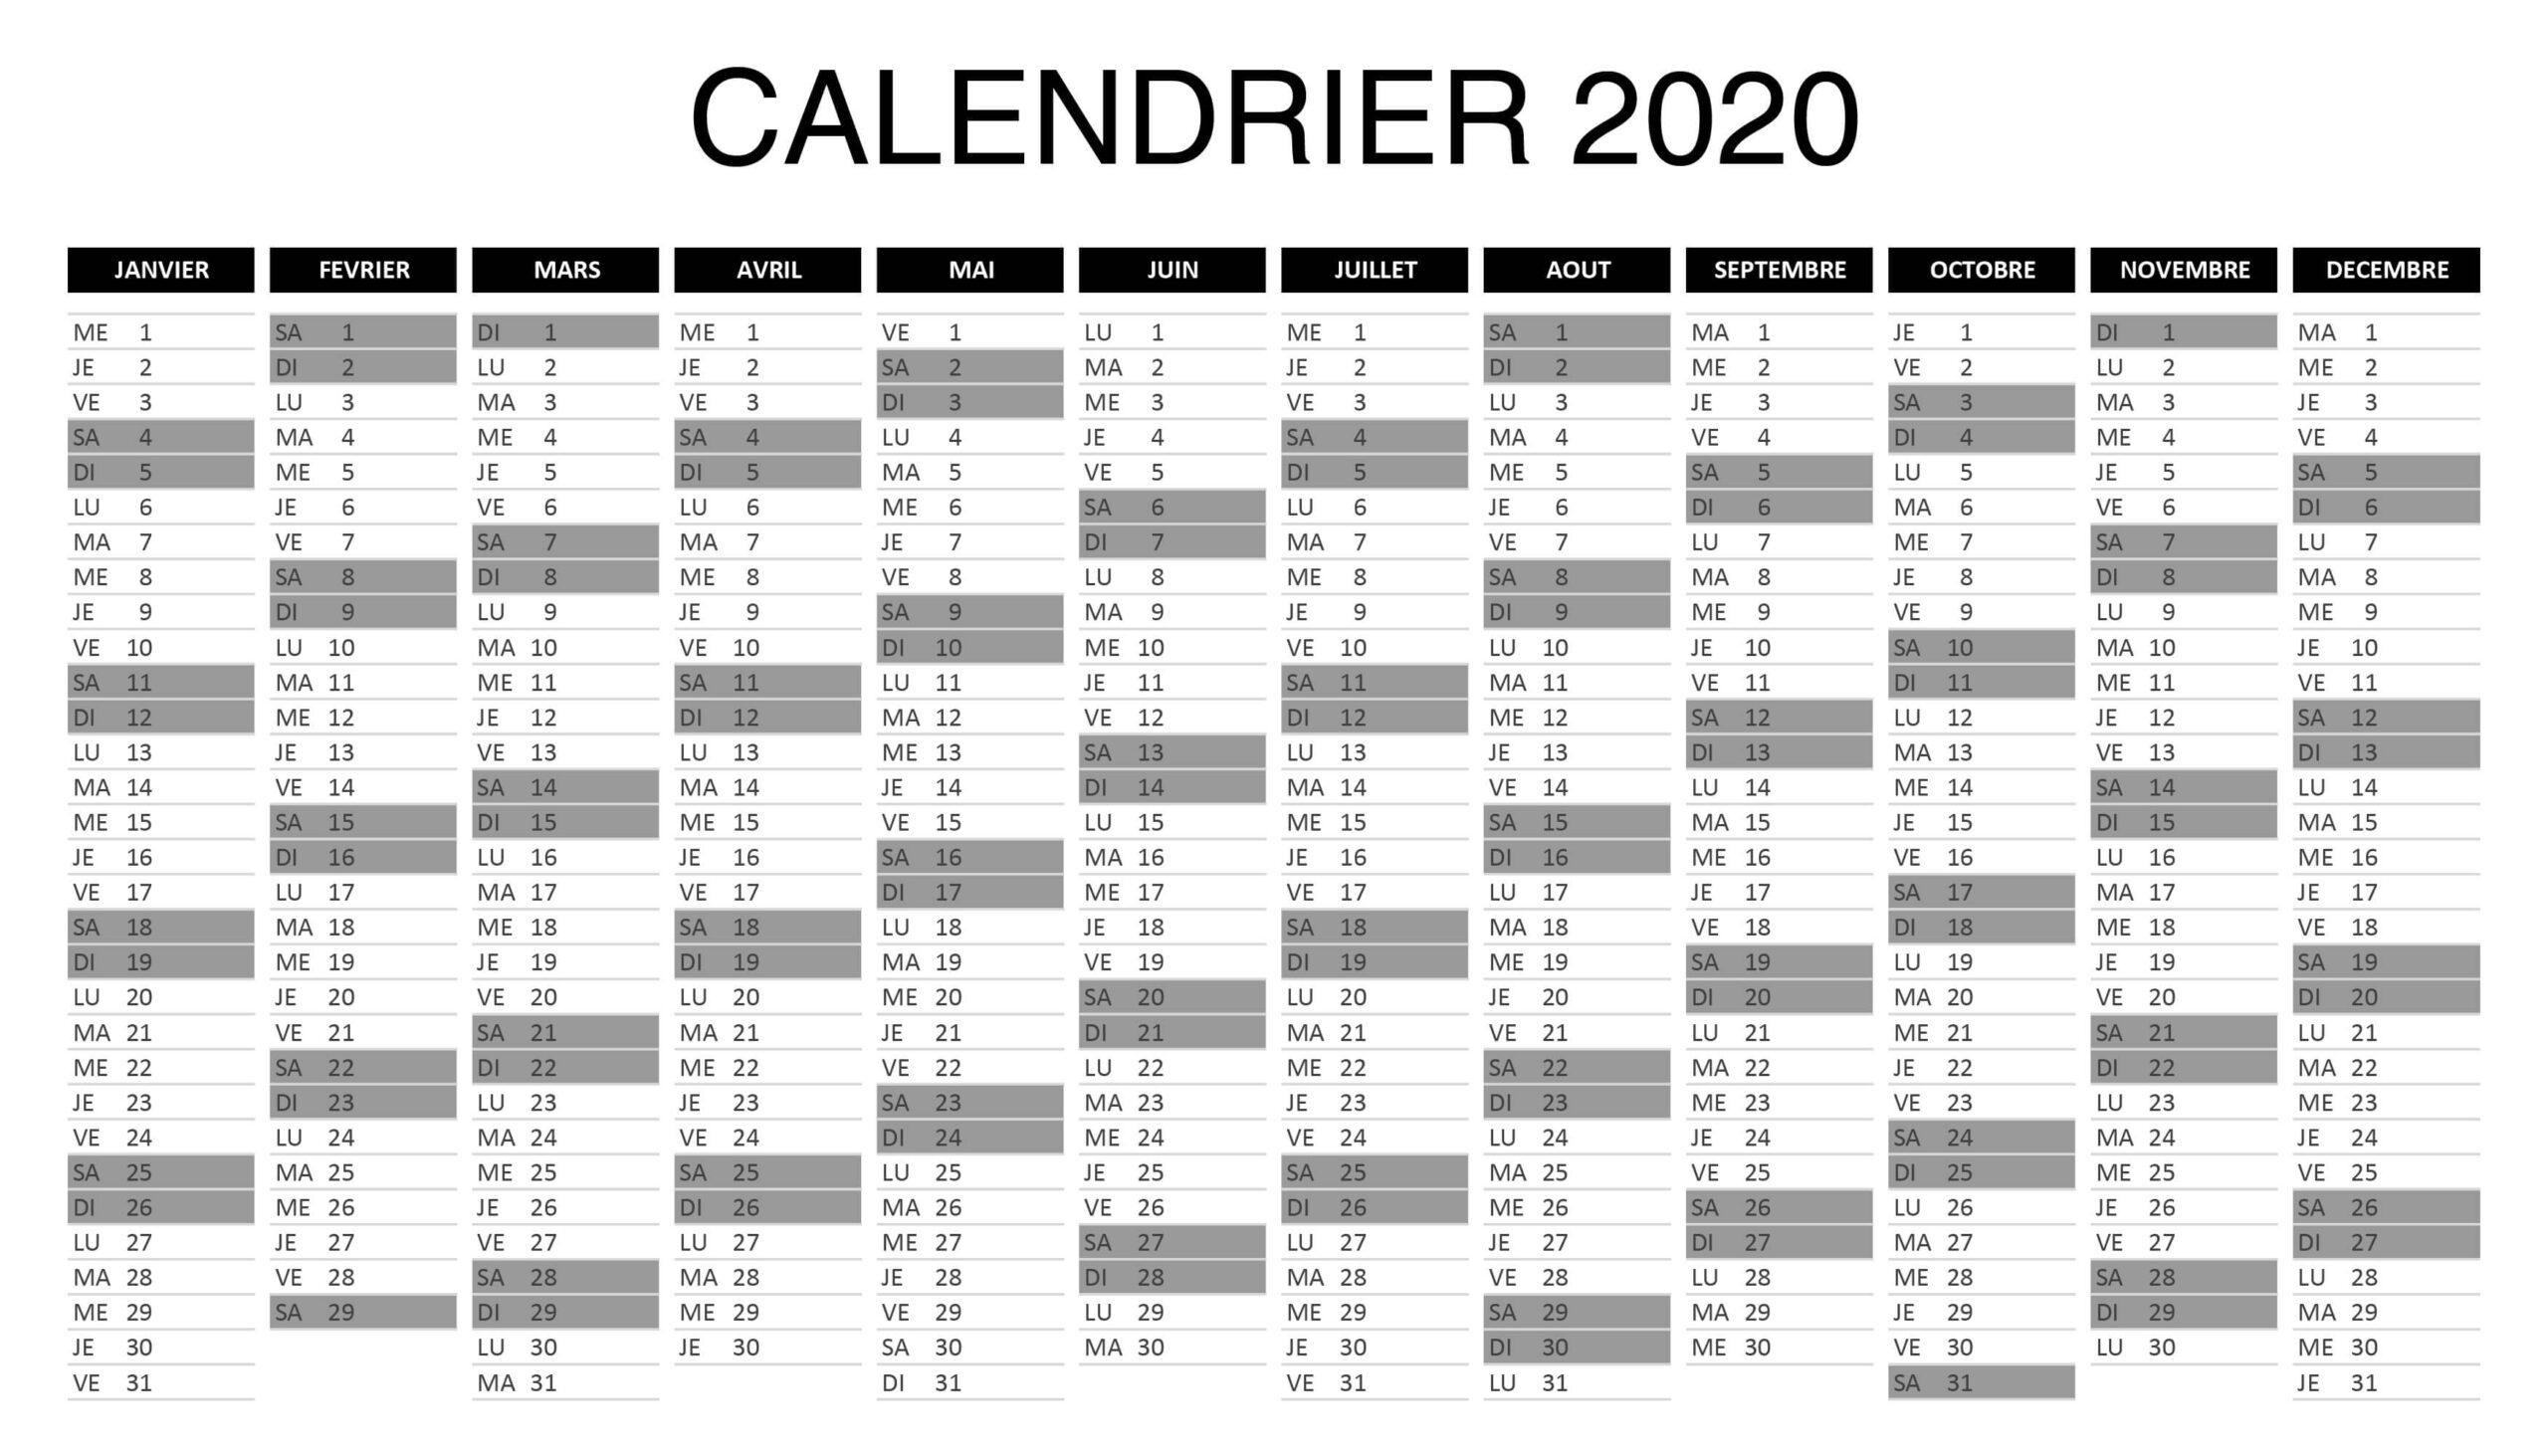 Calendrier 2020 Excel Vacances Scolaires